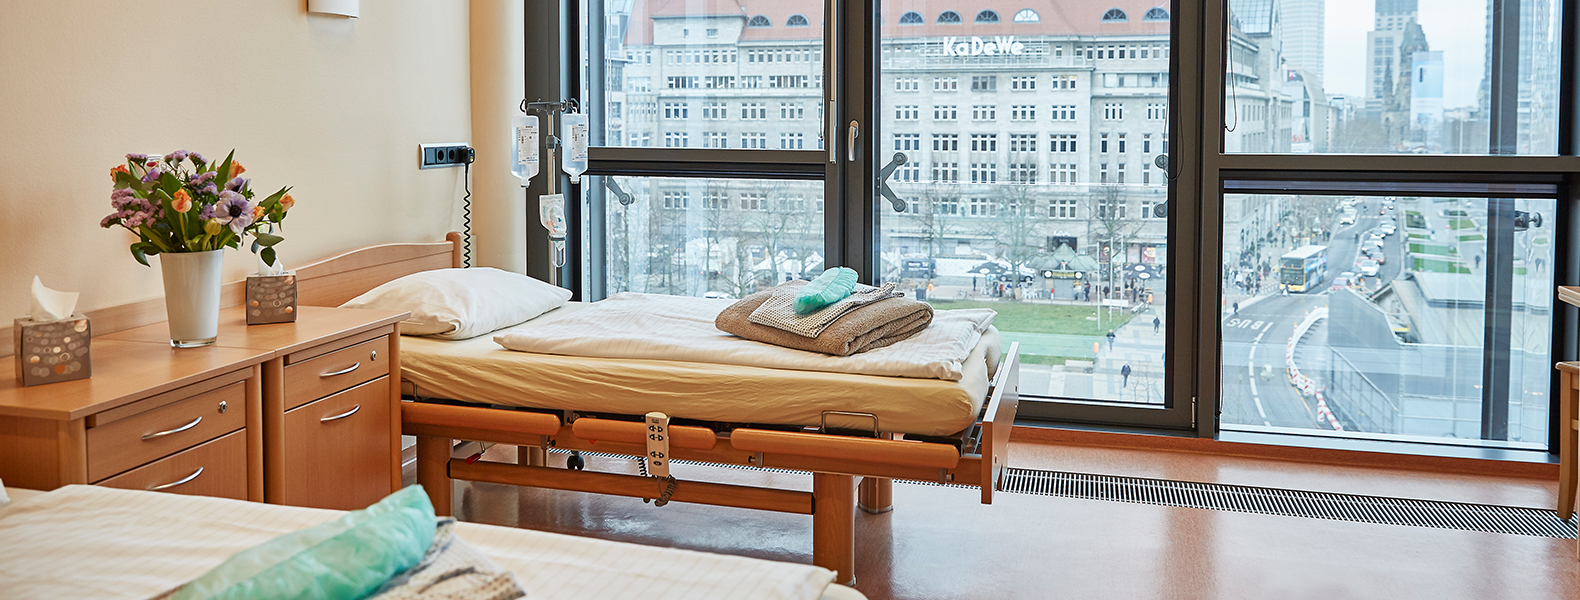 Nos chambres de patients avec vue